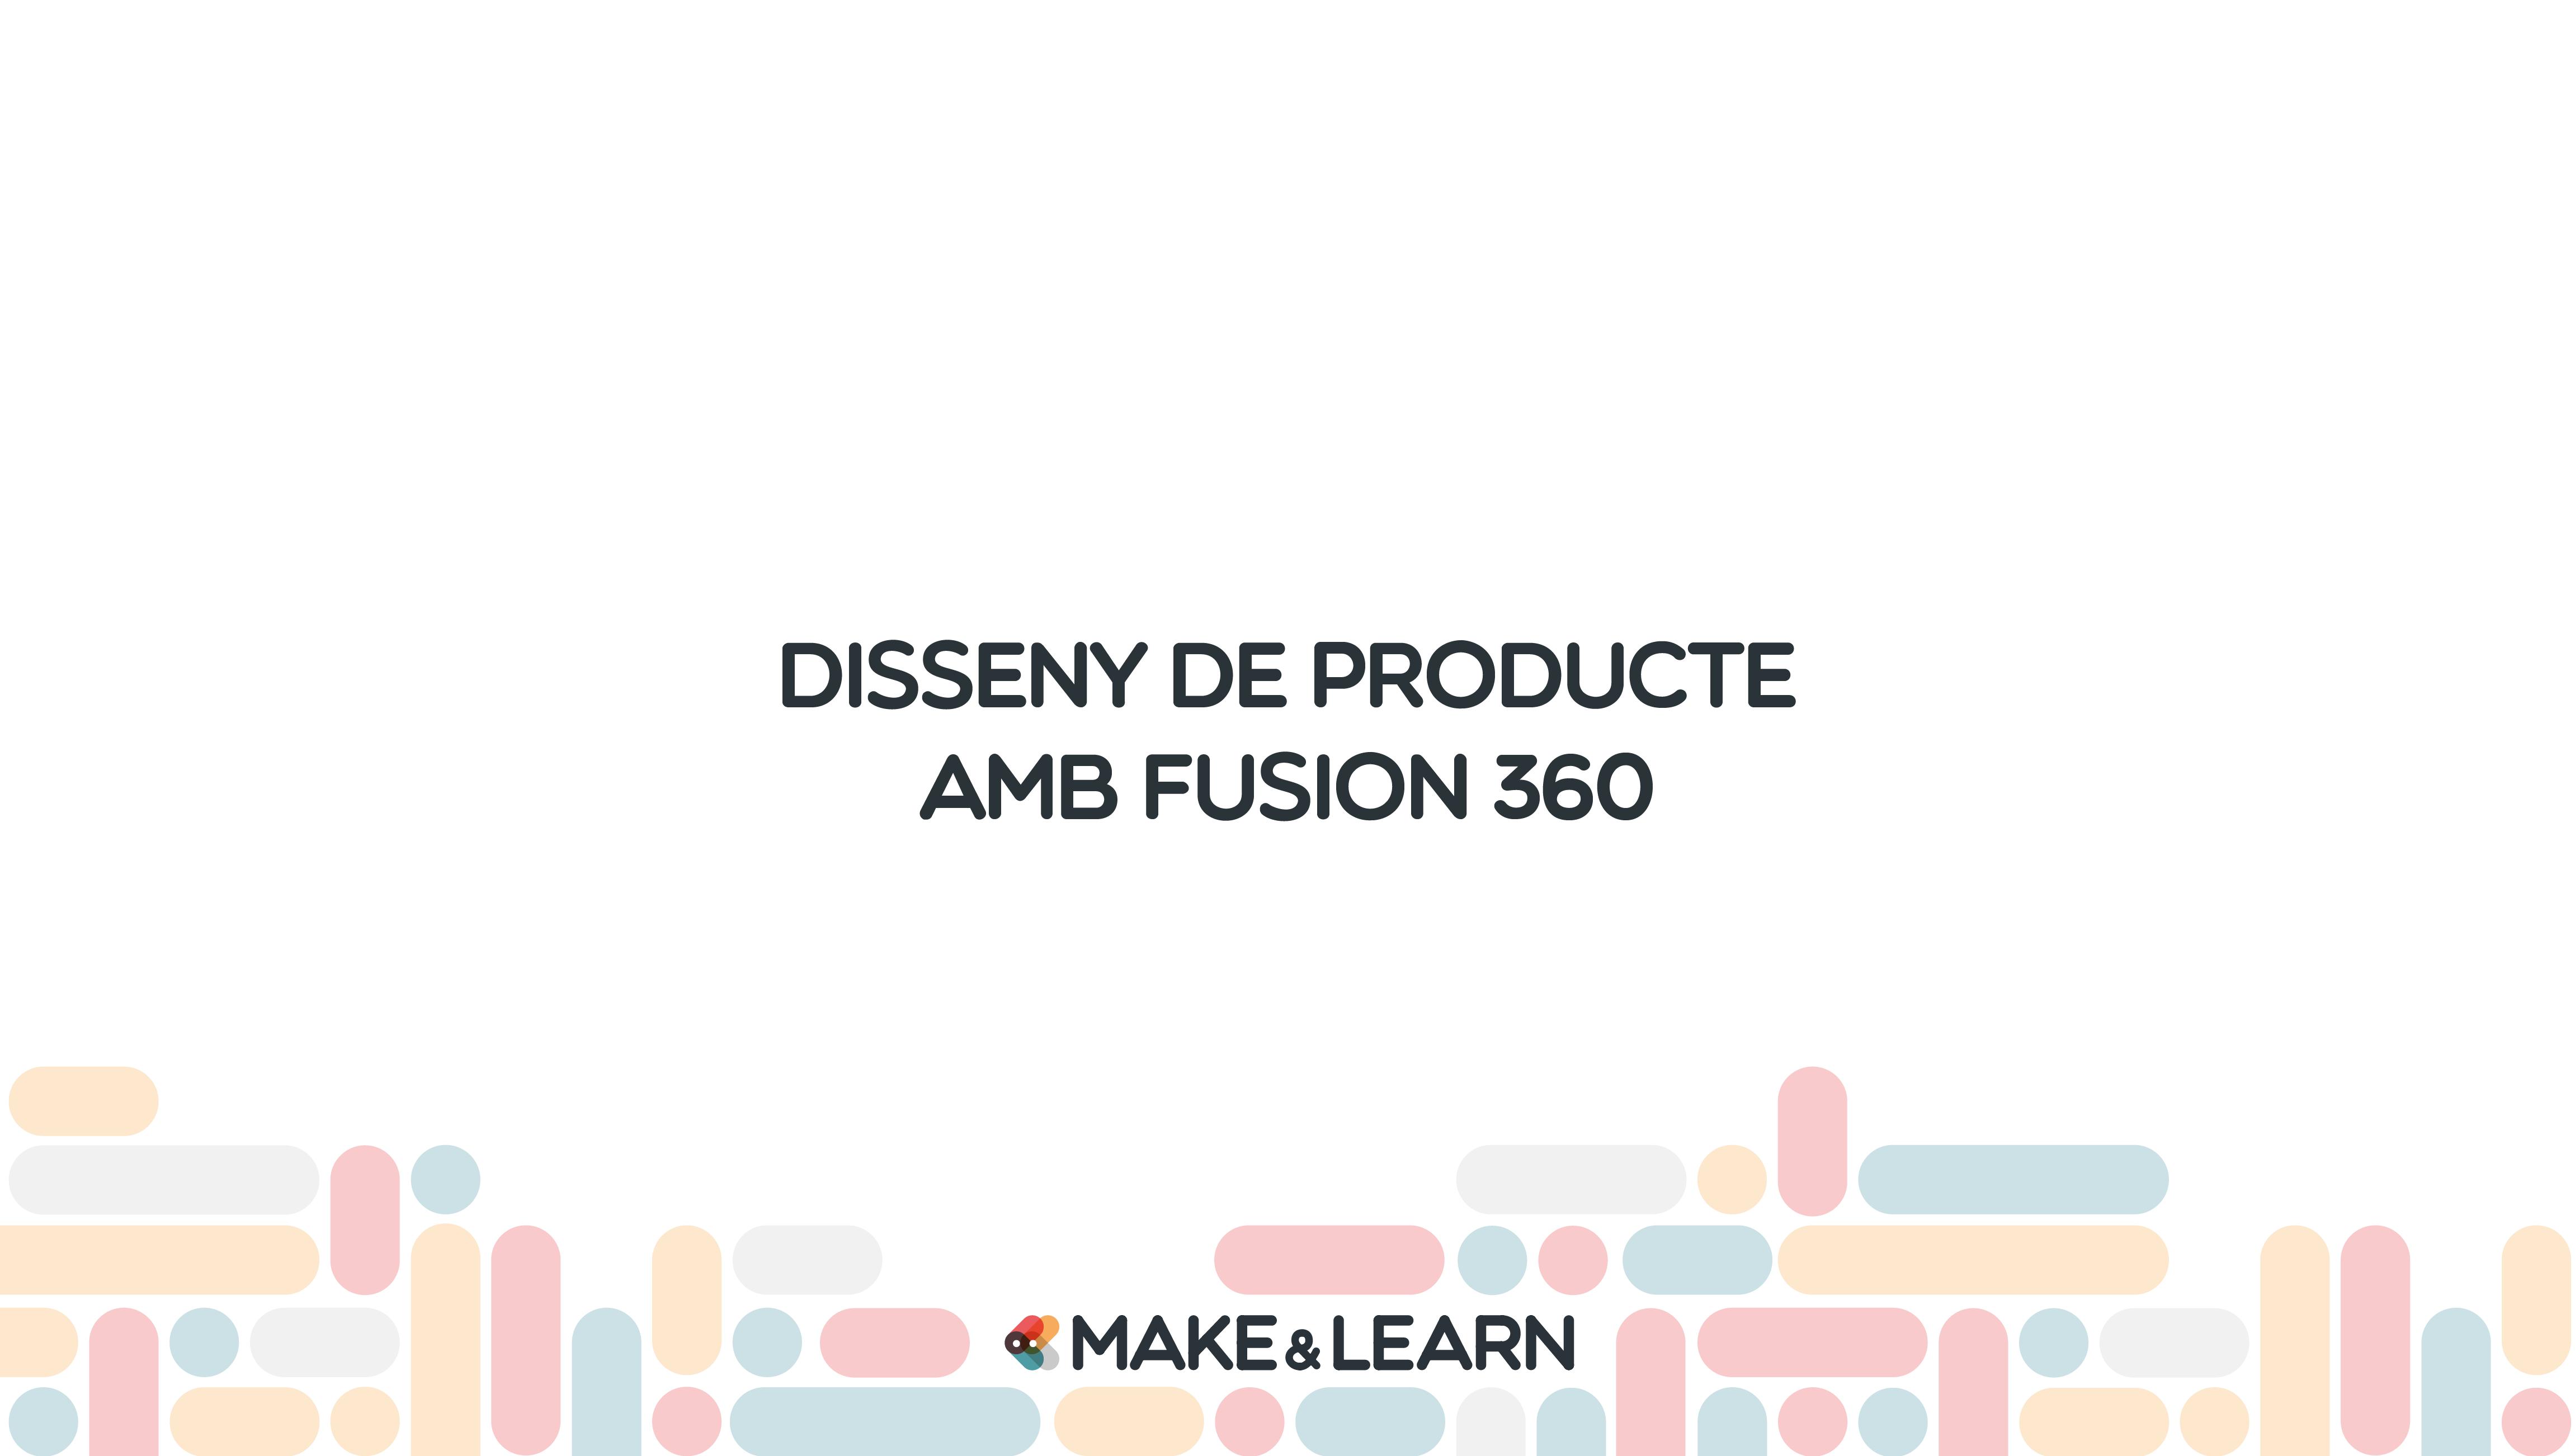 Disseny de producte amb Fusion 360